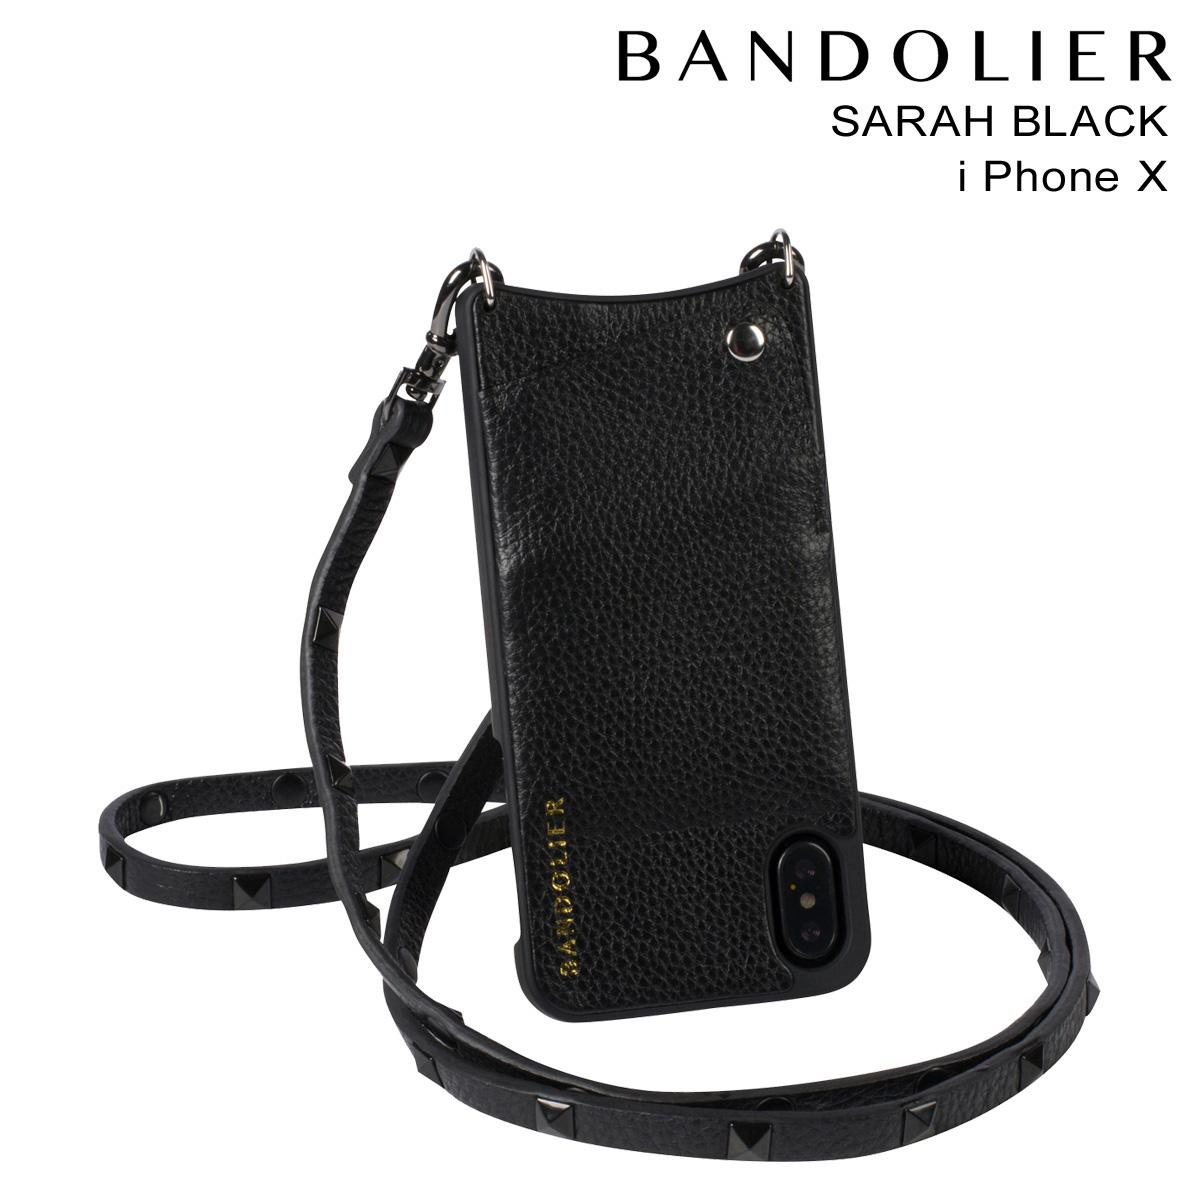 バンドリヤー BANDOLIER iPhoneX ケース スマホ アイフォン SARAH BLACK レザー メンズ レディース [3/19 再入荷]